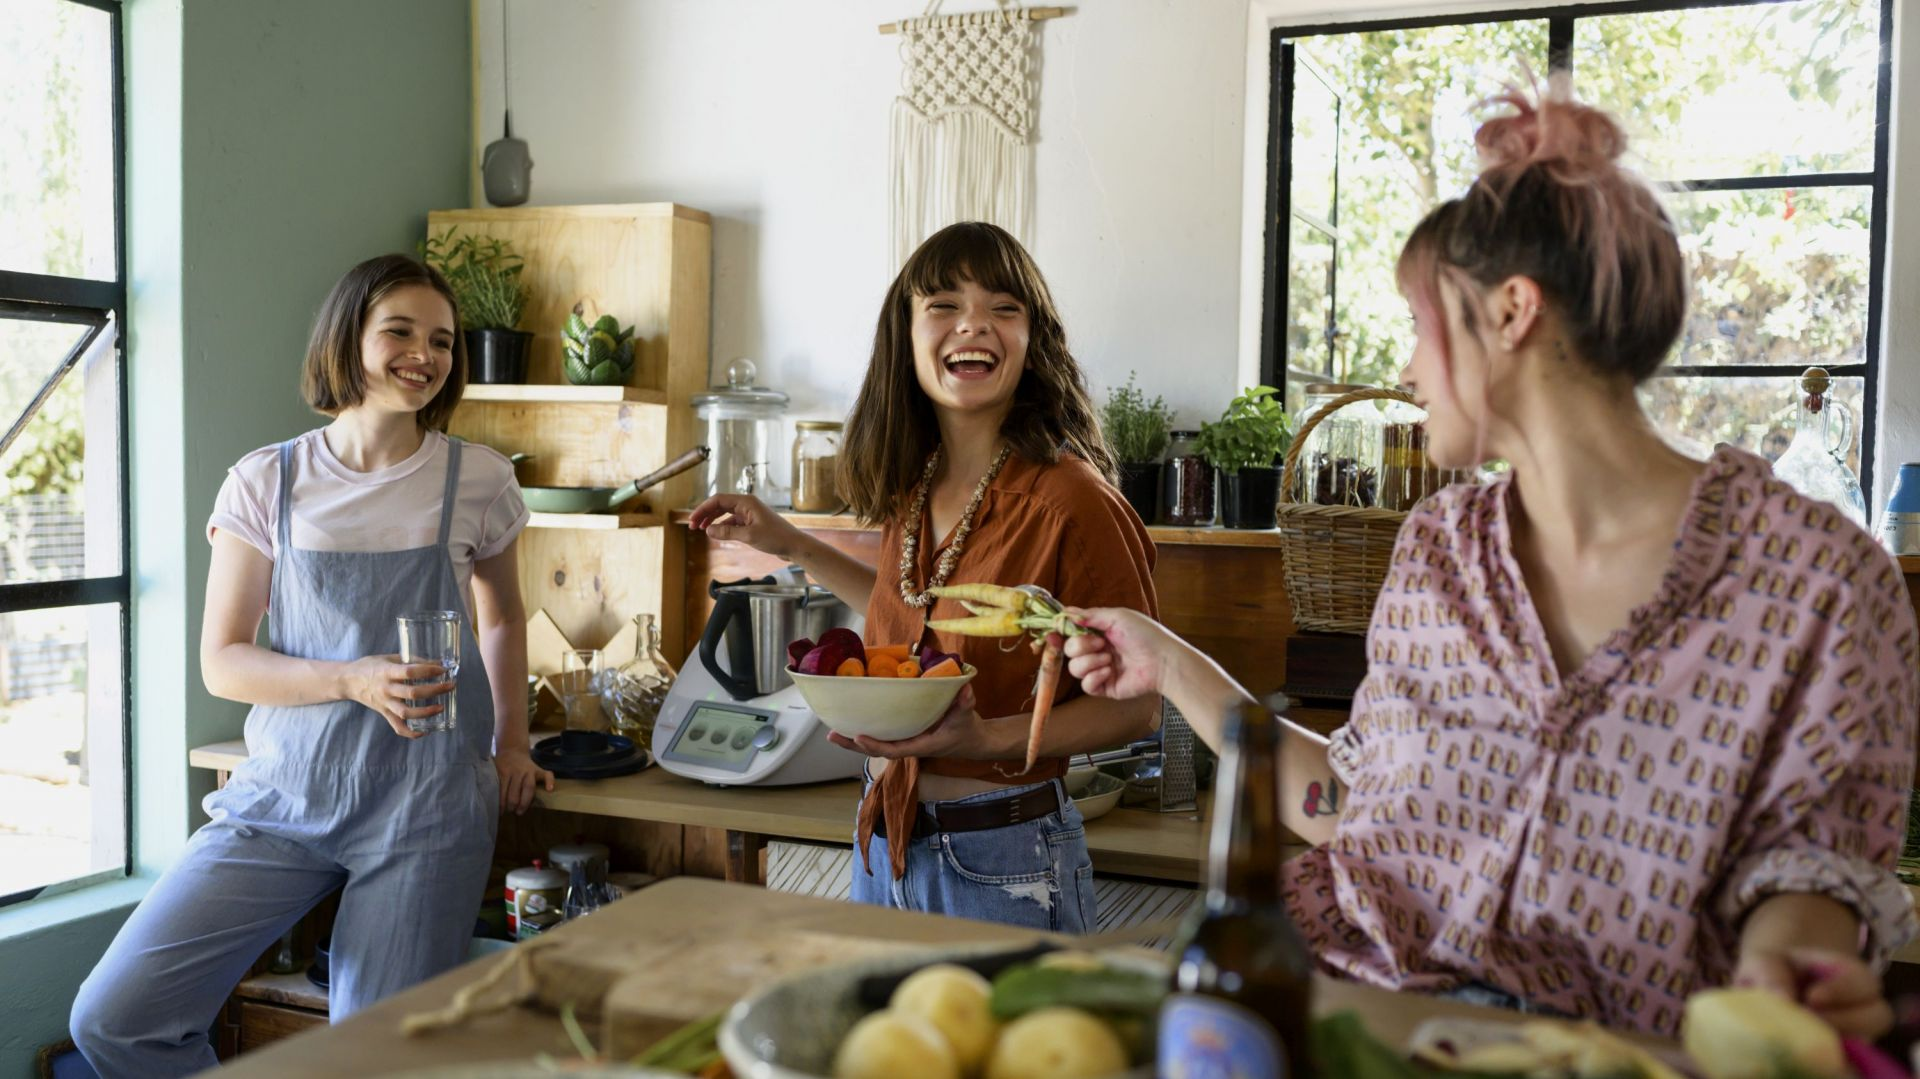 Zmiana nawyków żywieniowych to jedno z najpopularniejszych wyzwań, które podejmujemy. Fot. Thermomix